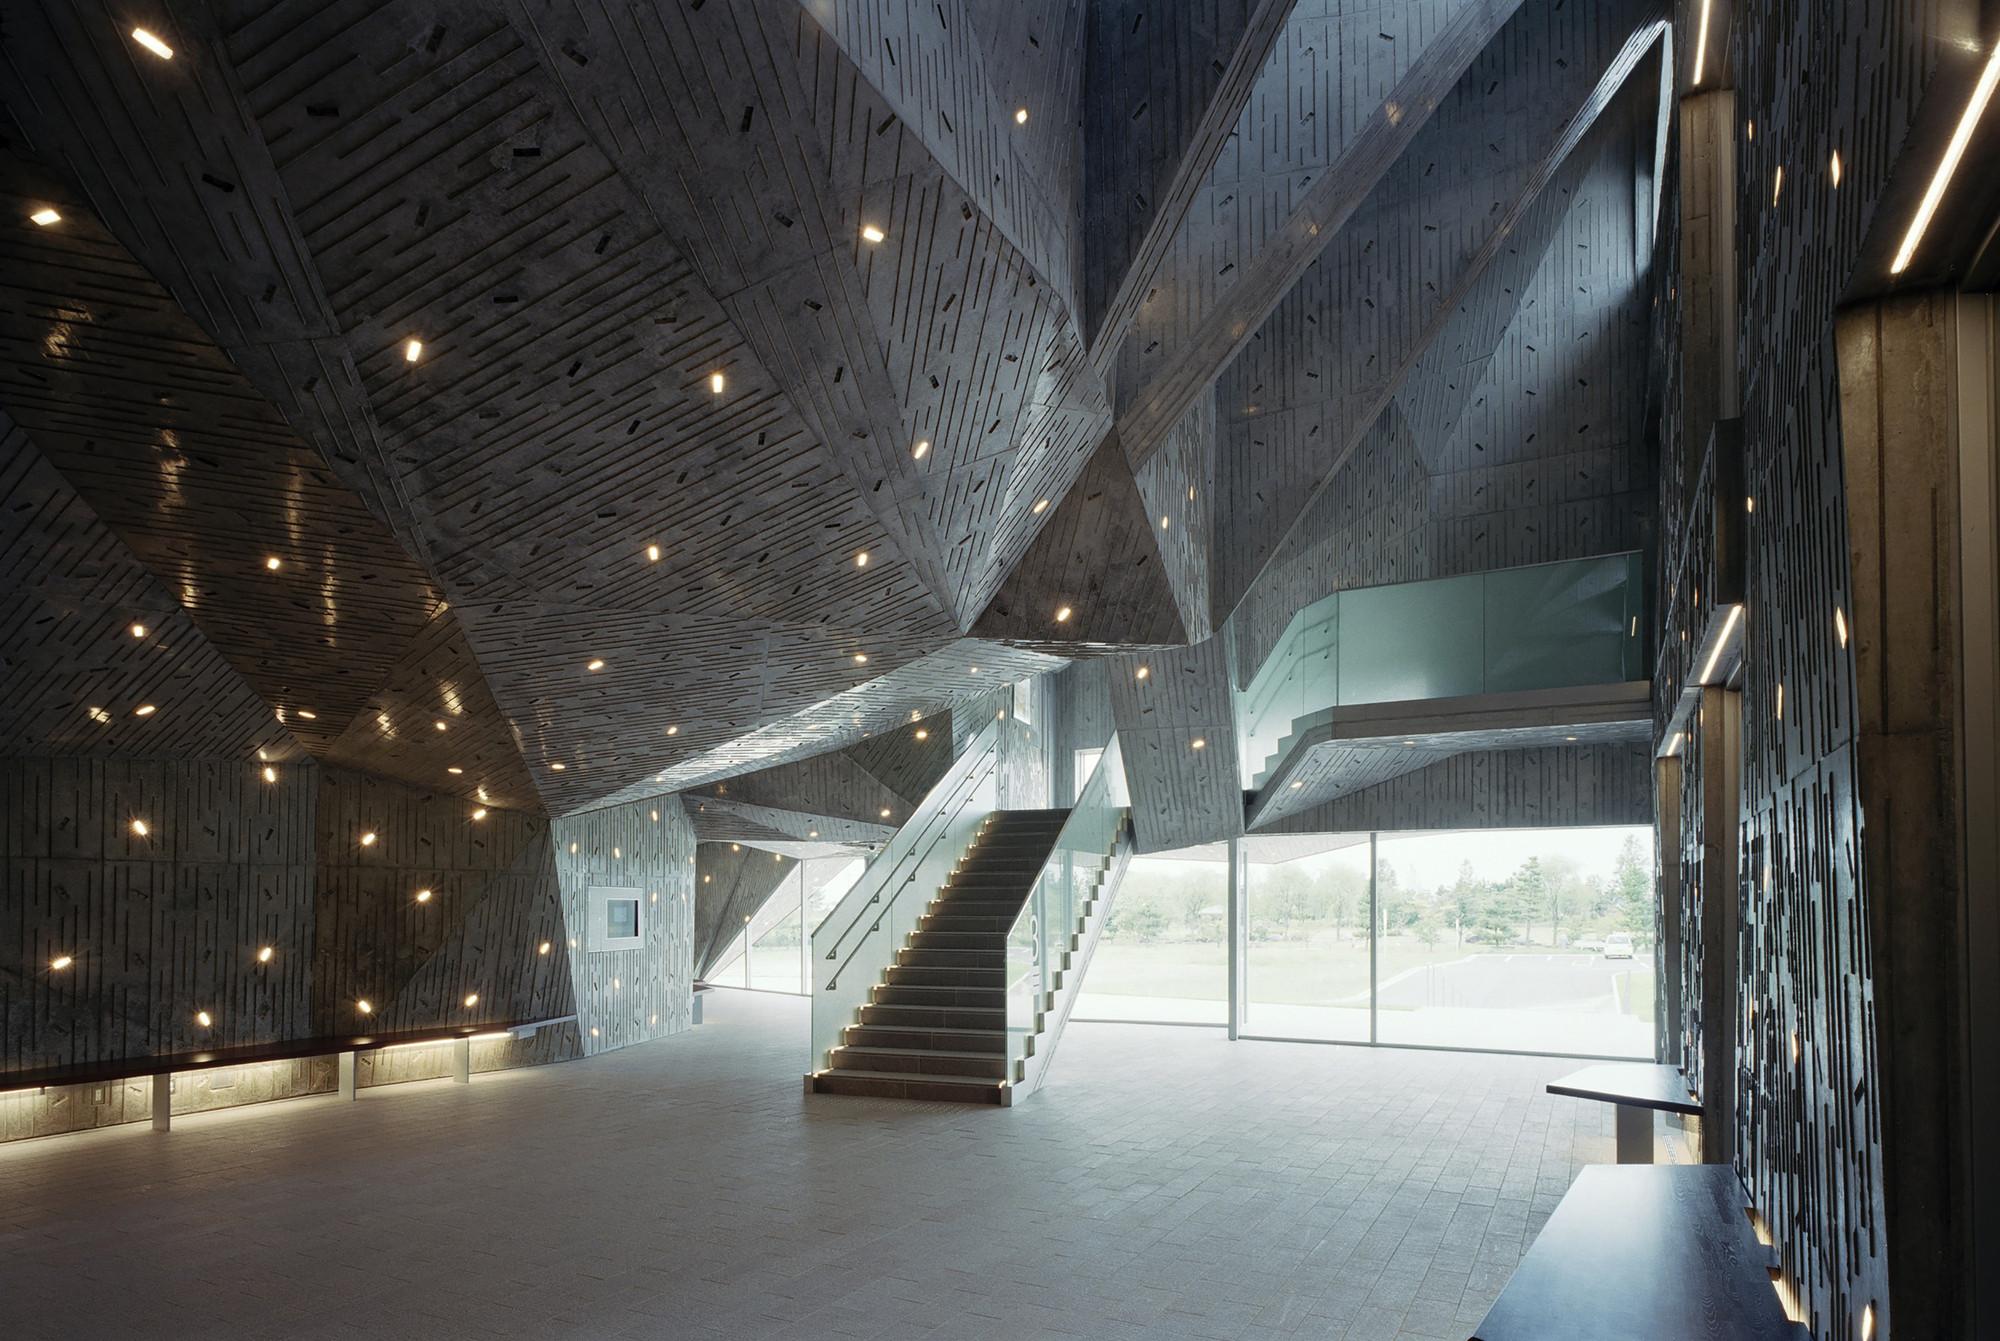 Niigata City Konan Ward Cultural Center / Chiaki Arai Urban and Architecture Design, © Taisuke Ogawa